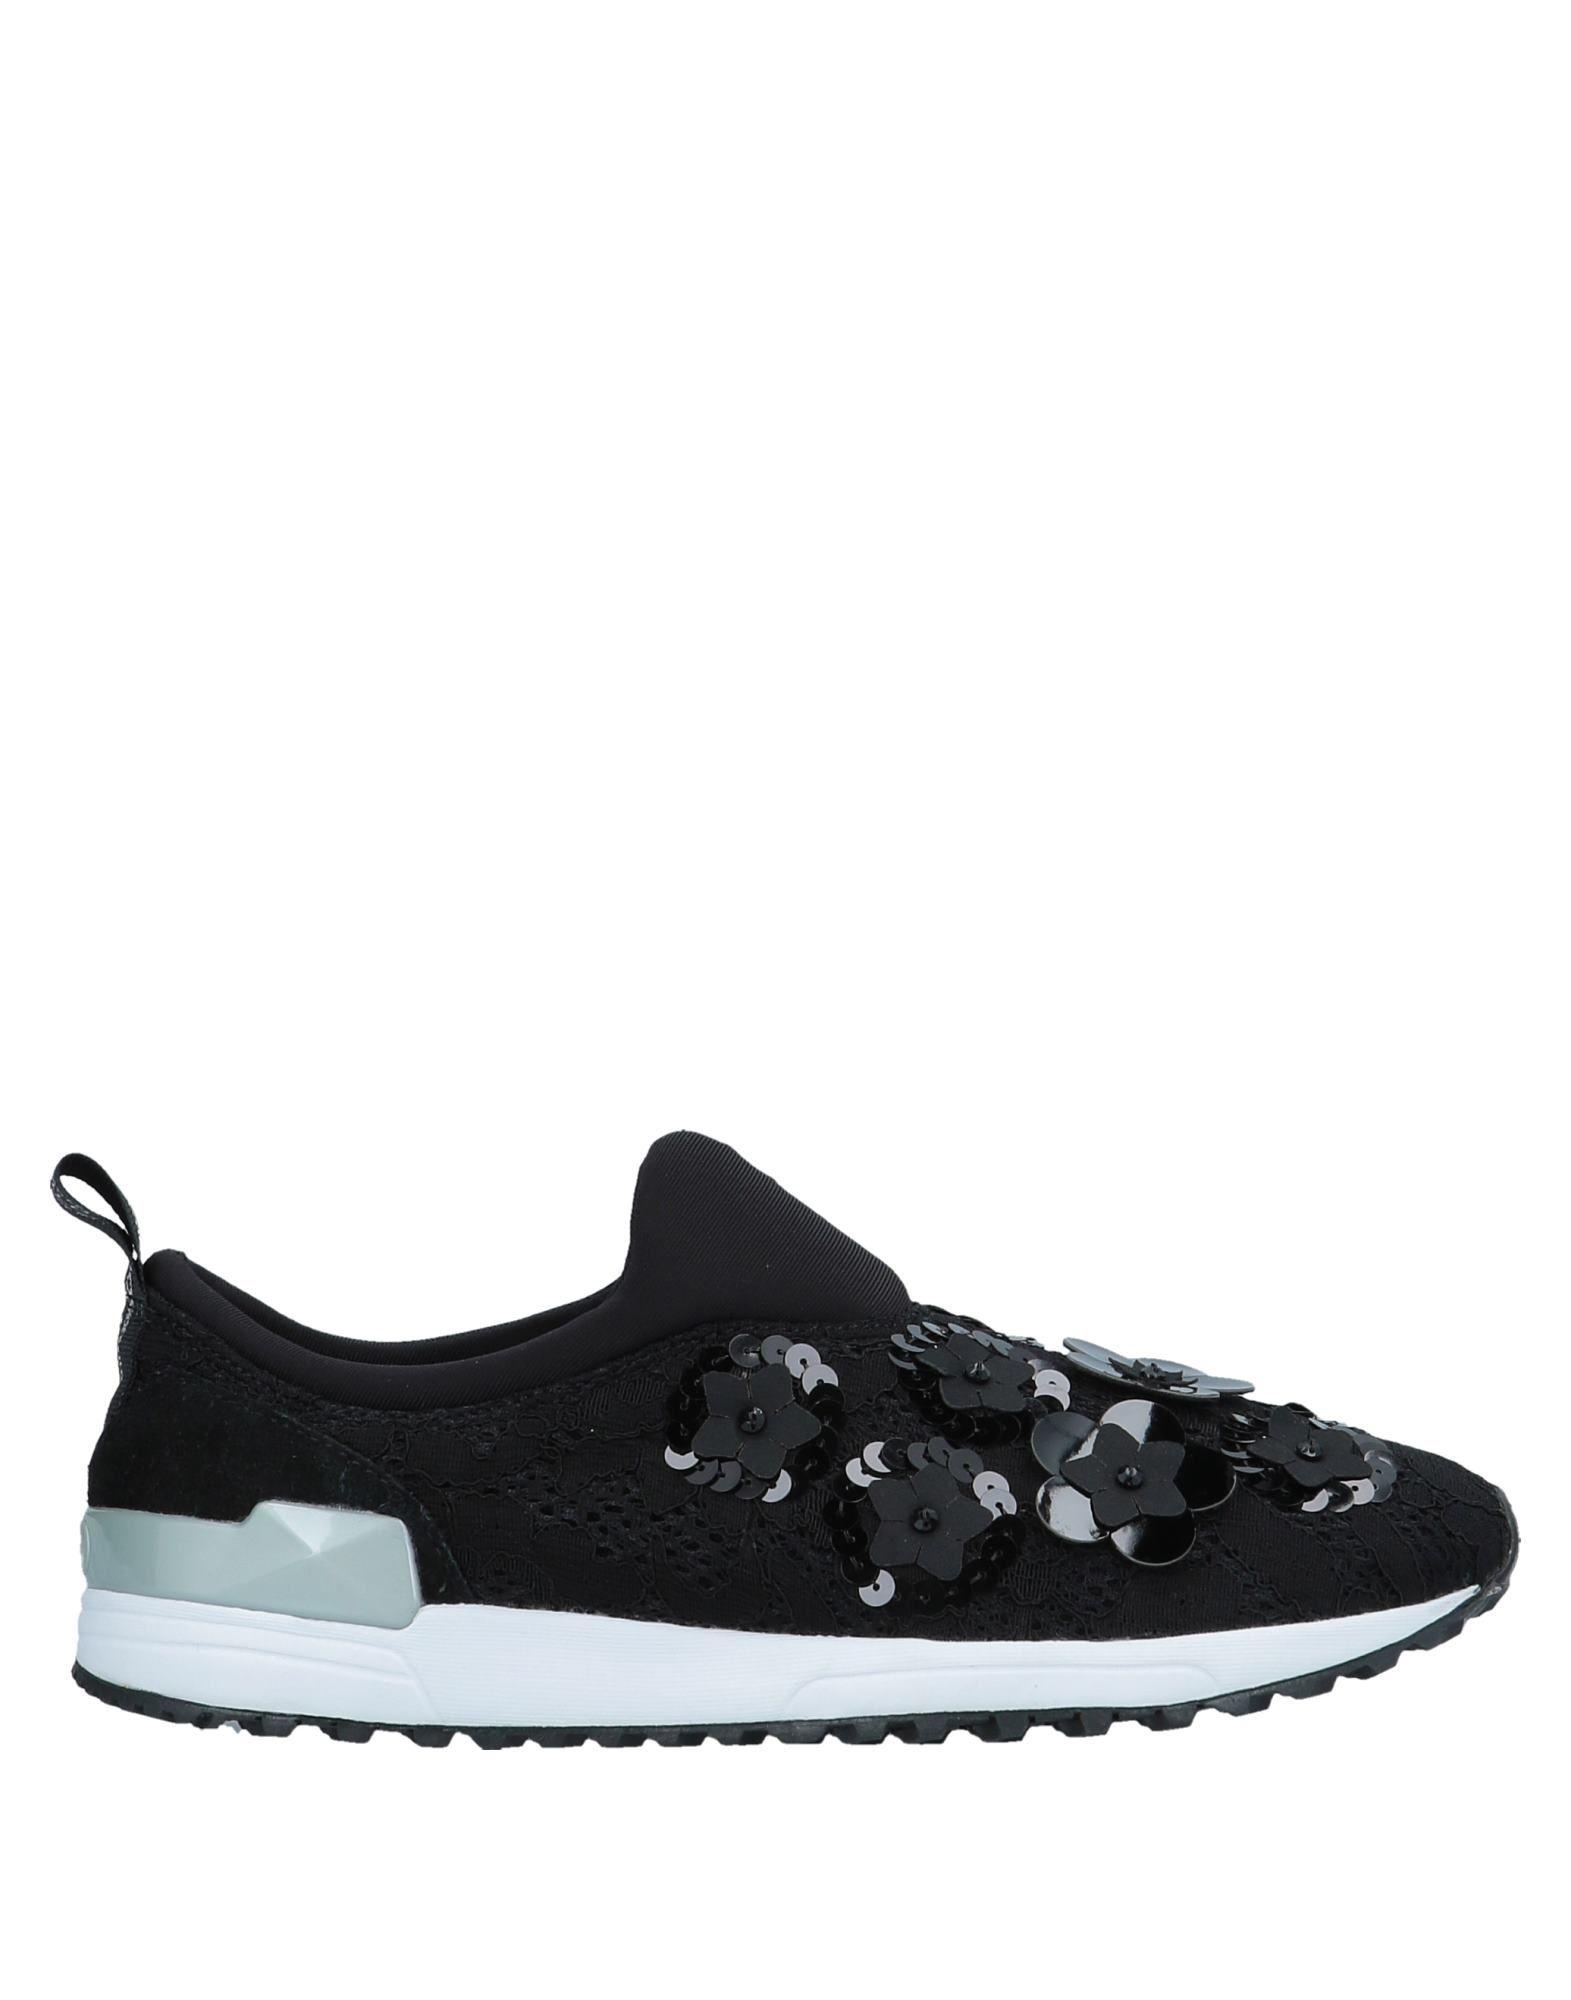 Liu •Jo Schuhes Sneakers Damen Gutes Preis-Leistungs-Verhältnis, es lohnt sich 1365